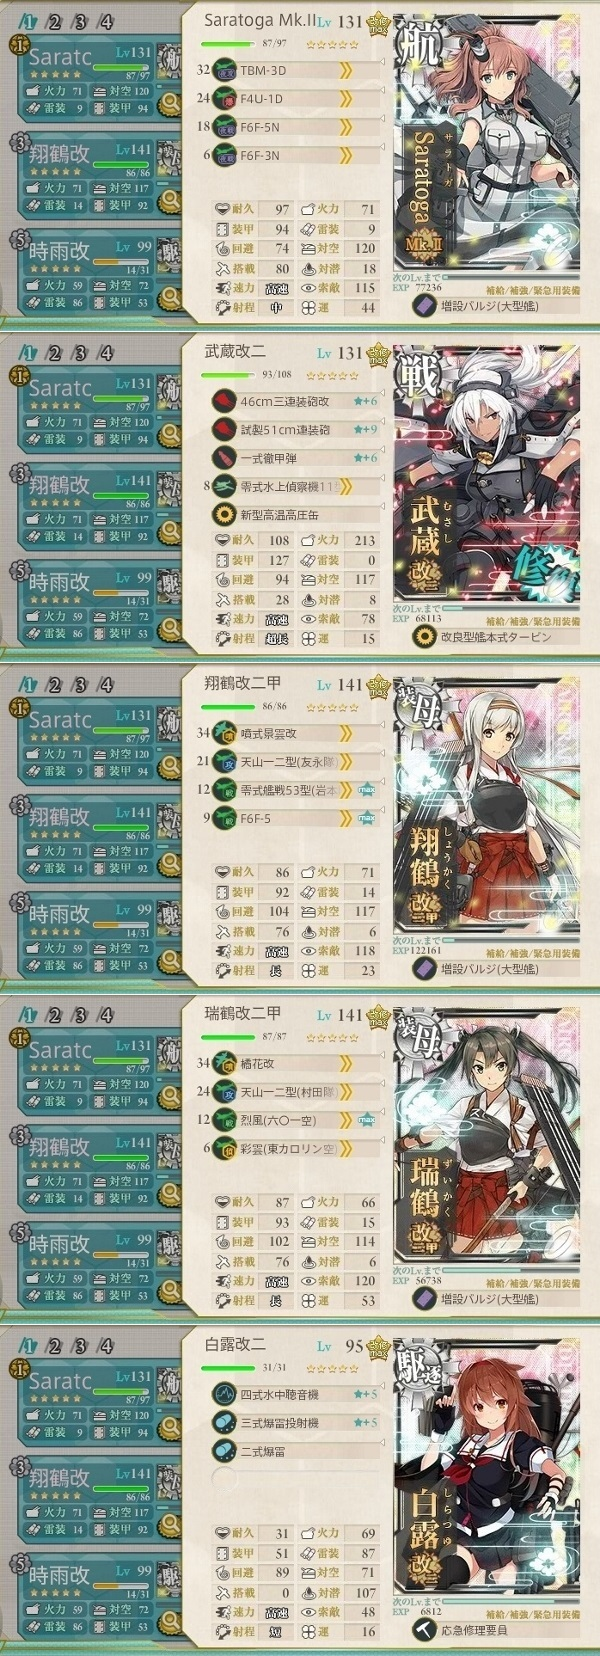 精鋭「二七駆」第一小隊、出撃せよ! 5-5 編成 装備